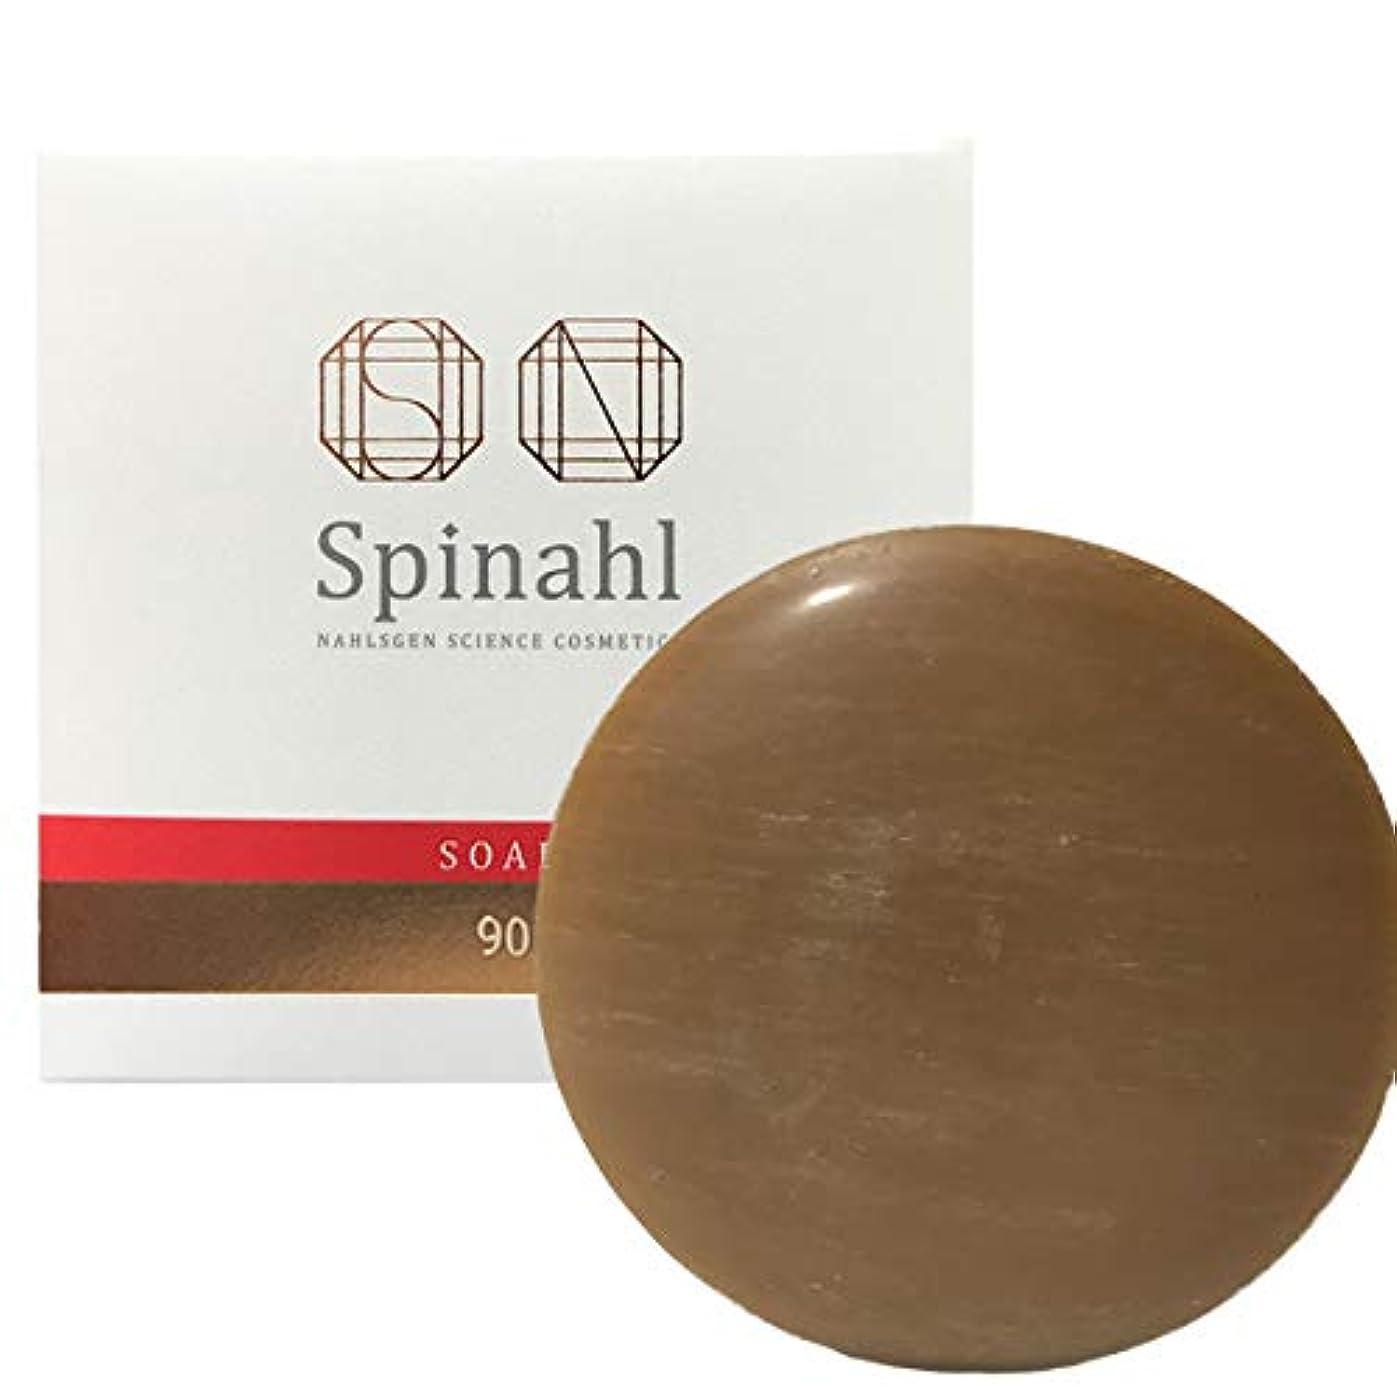 ととんでもない協力的スピナールソープ Spinahl soap 2個セット